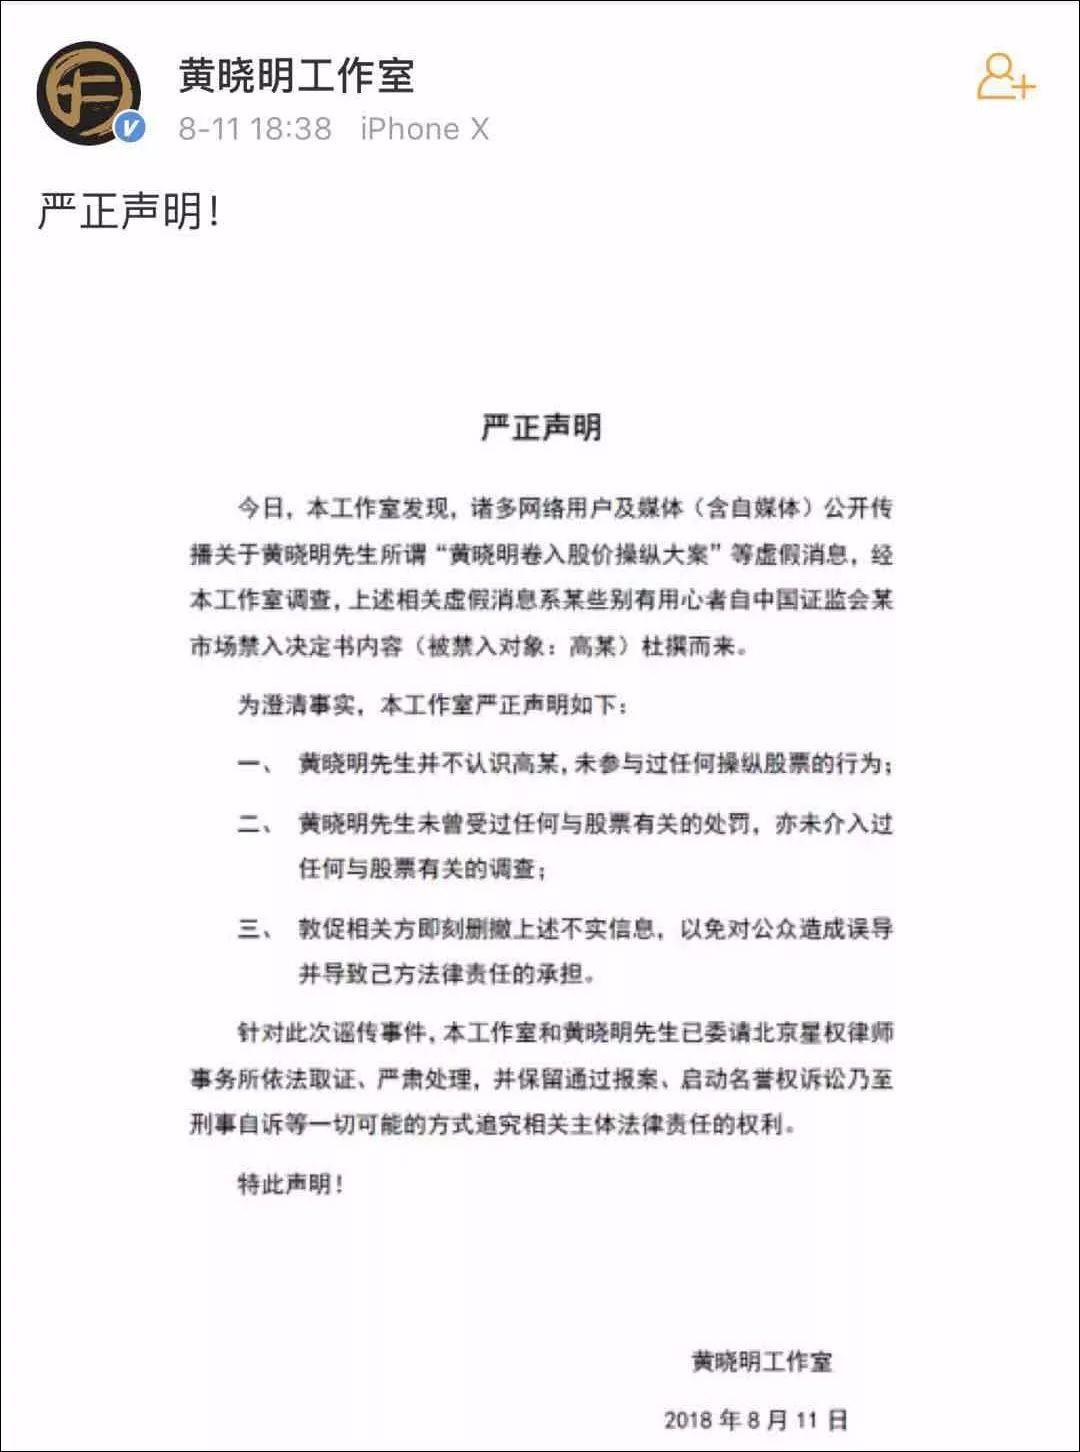 黄晓明账户疑涉18亿股票操纵案,工作室发声明否认!真相是…_图1-3